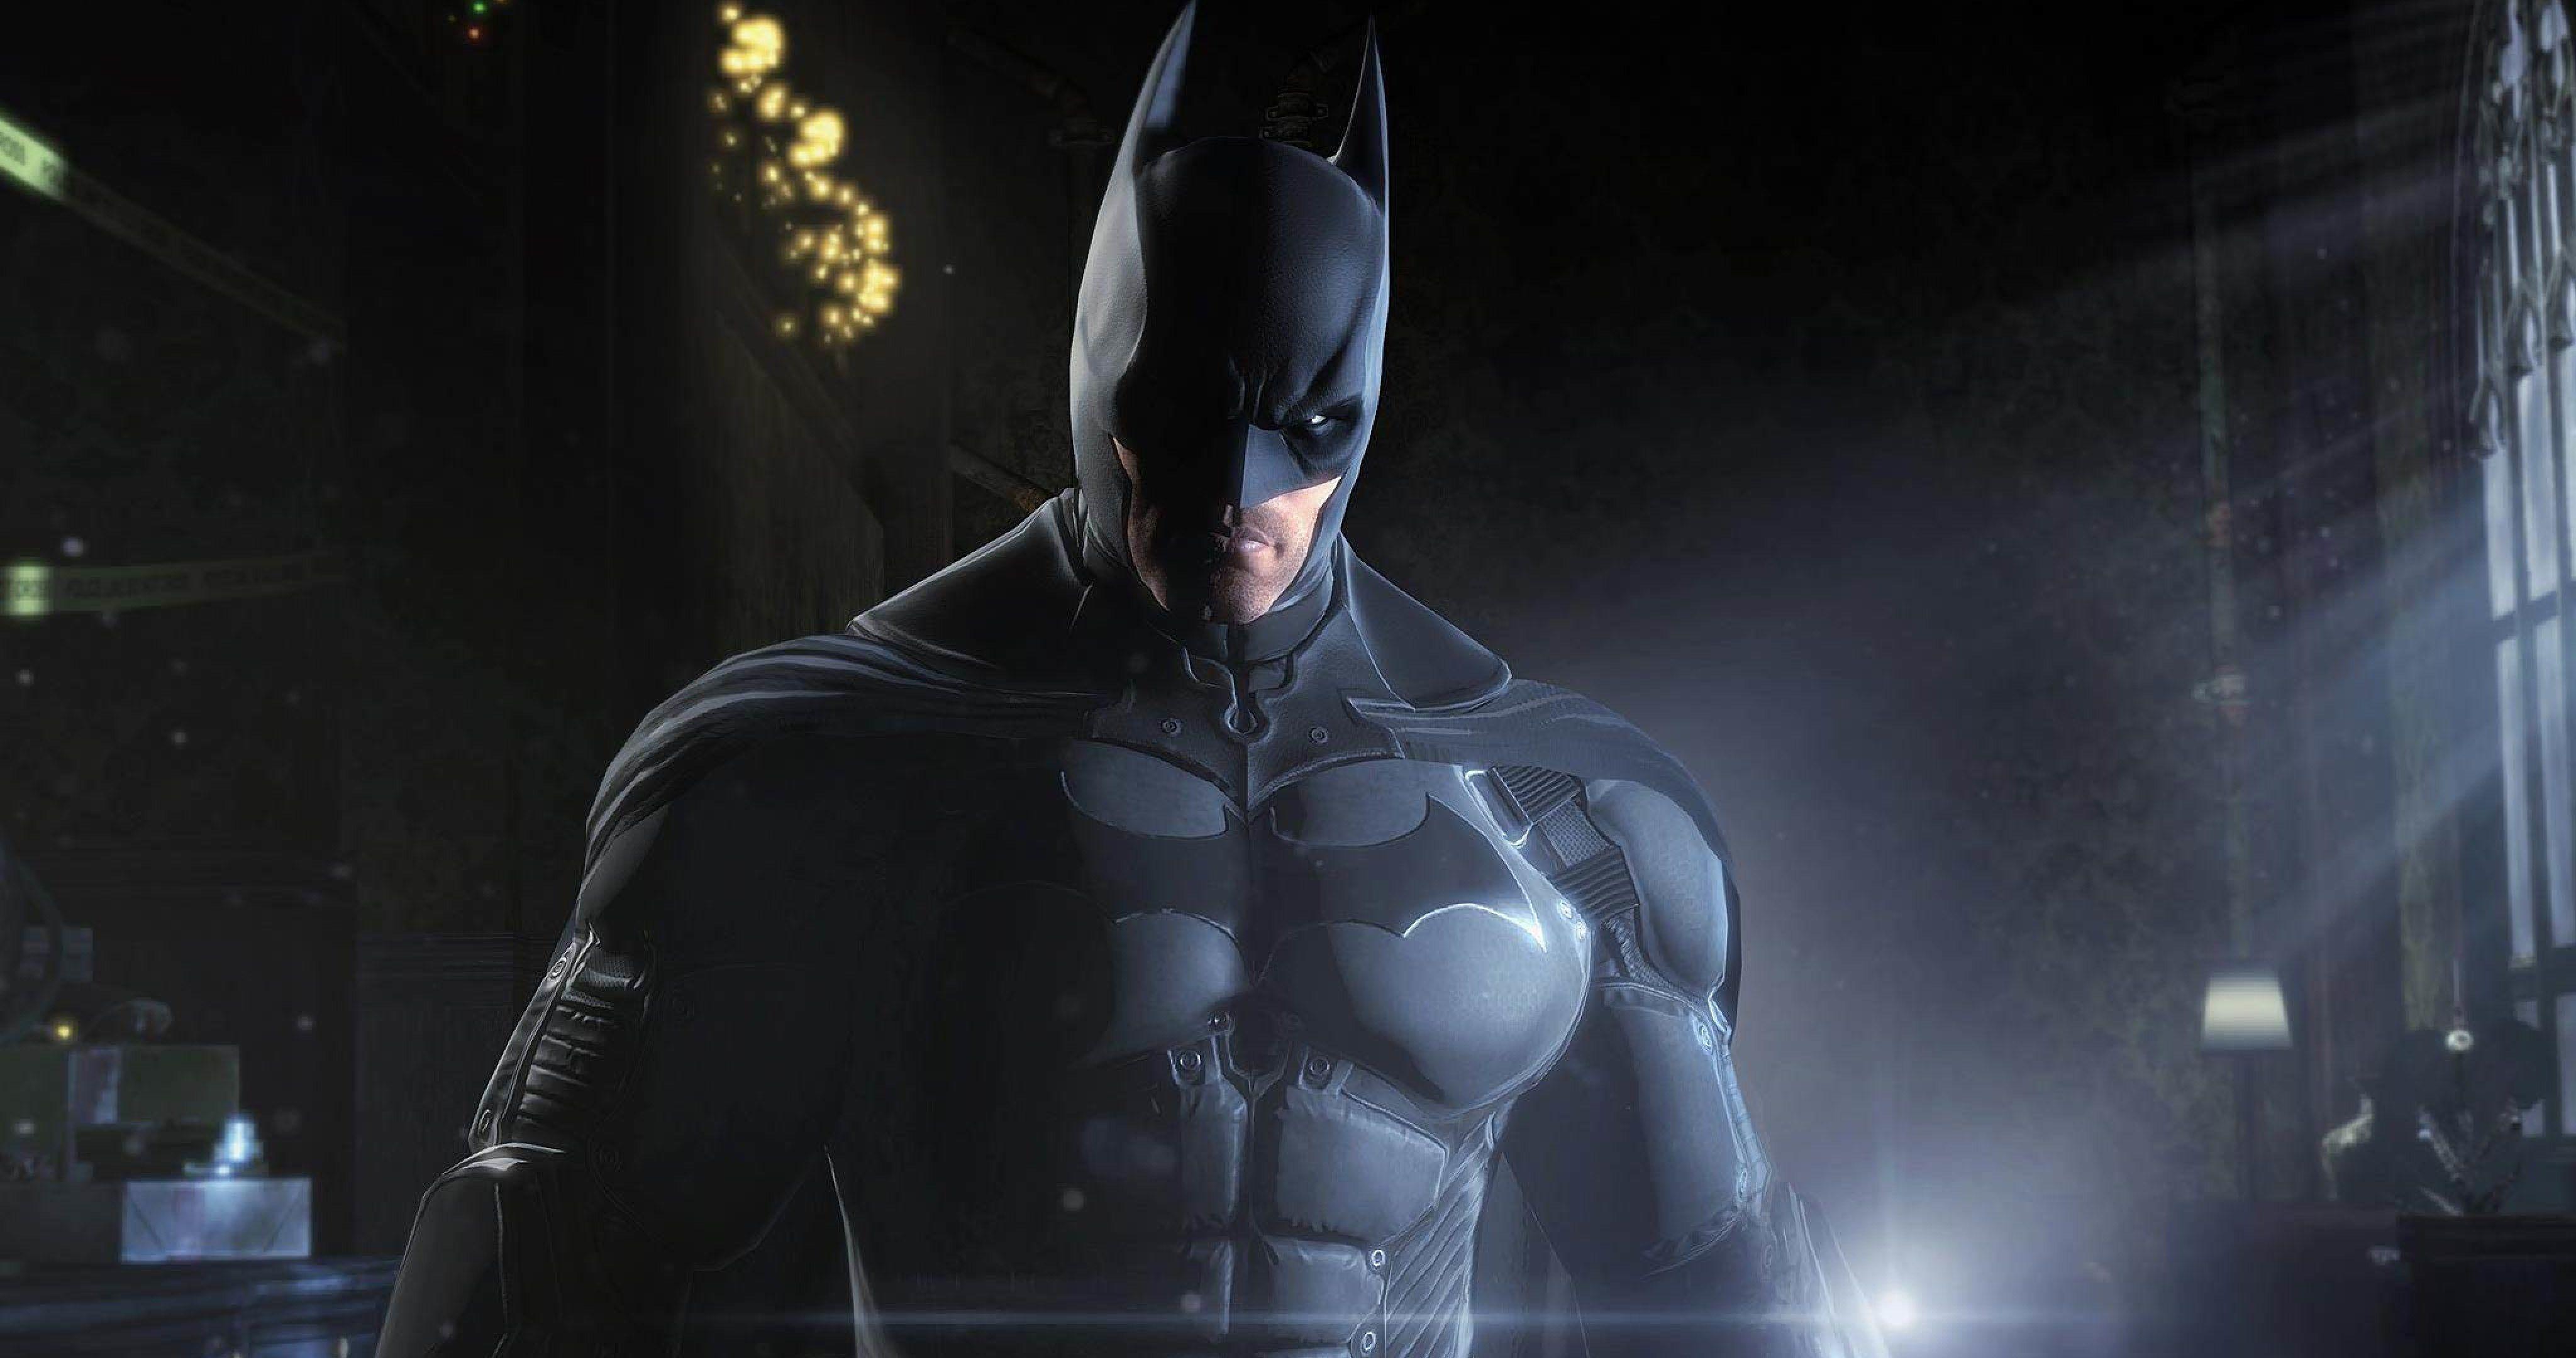 batman arkham origins hd 4k ultra hd wallpaper Batman